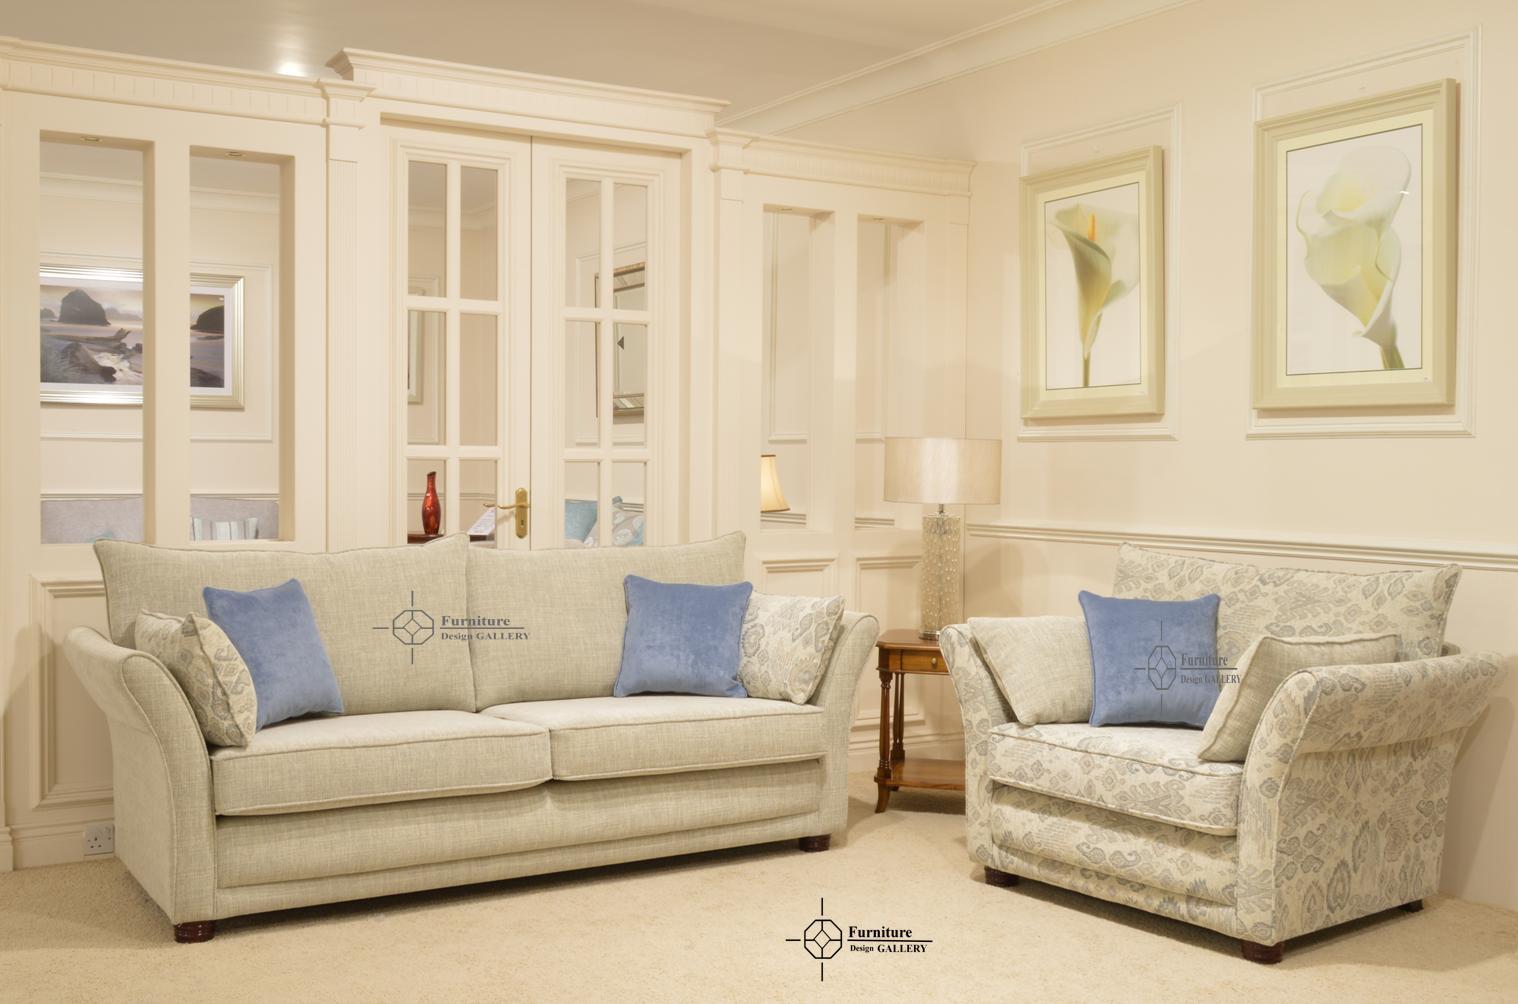 Furniture Design Gallery Manhattan 4Str + Cuddlier Blue Sc